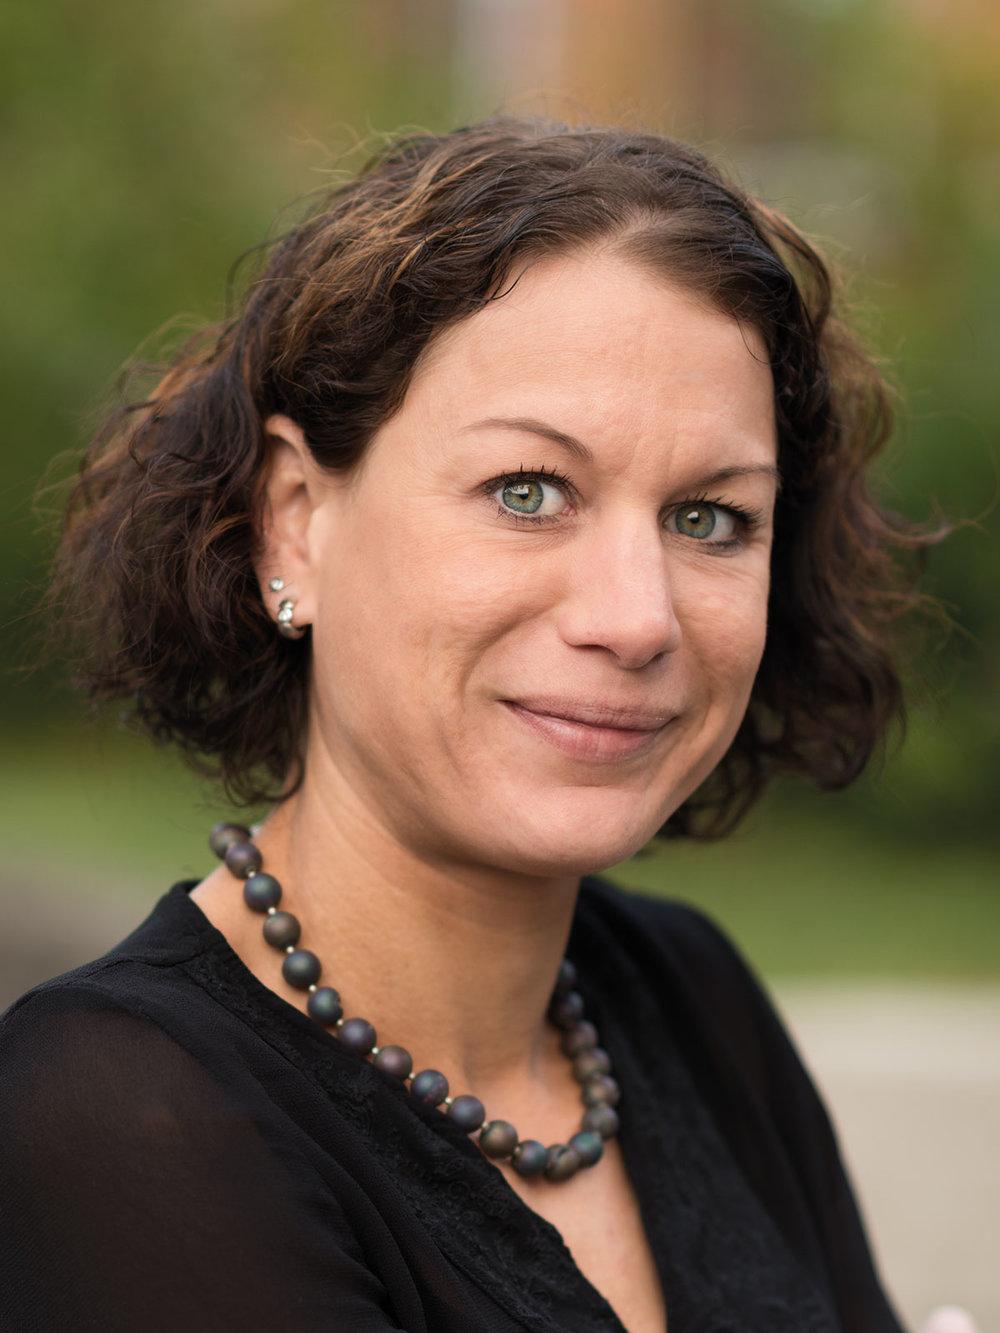 Elisabeth Oertel-Stamm